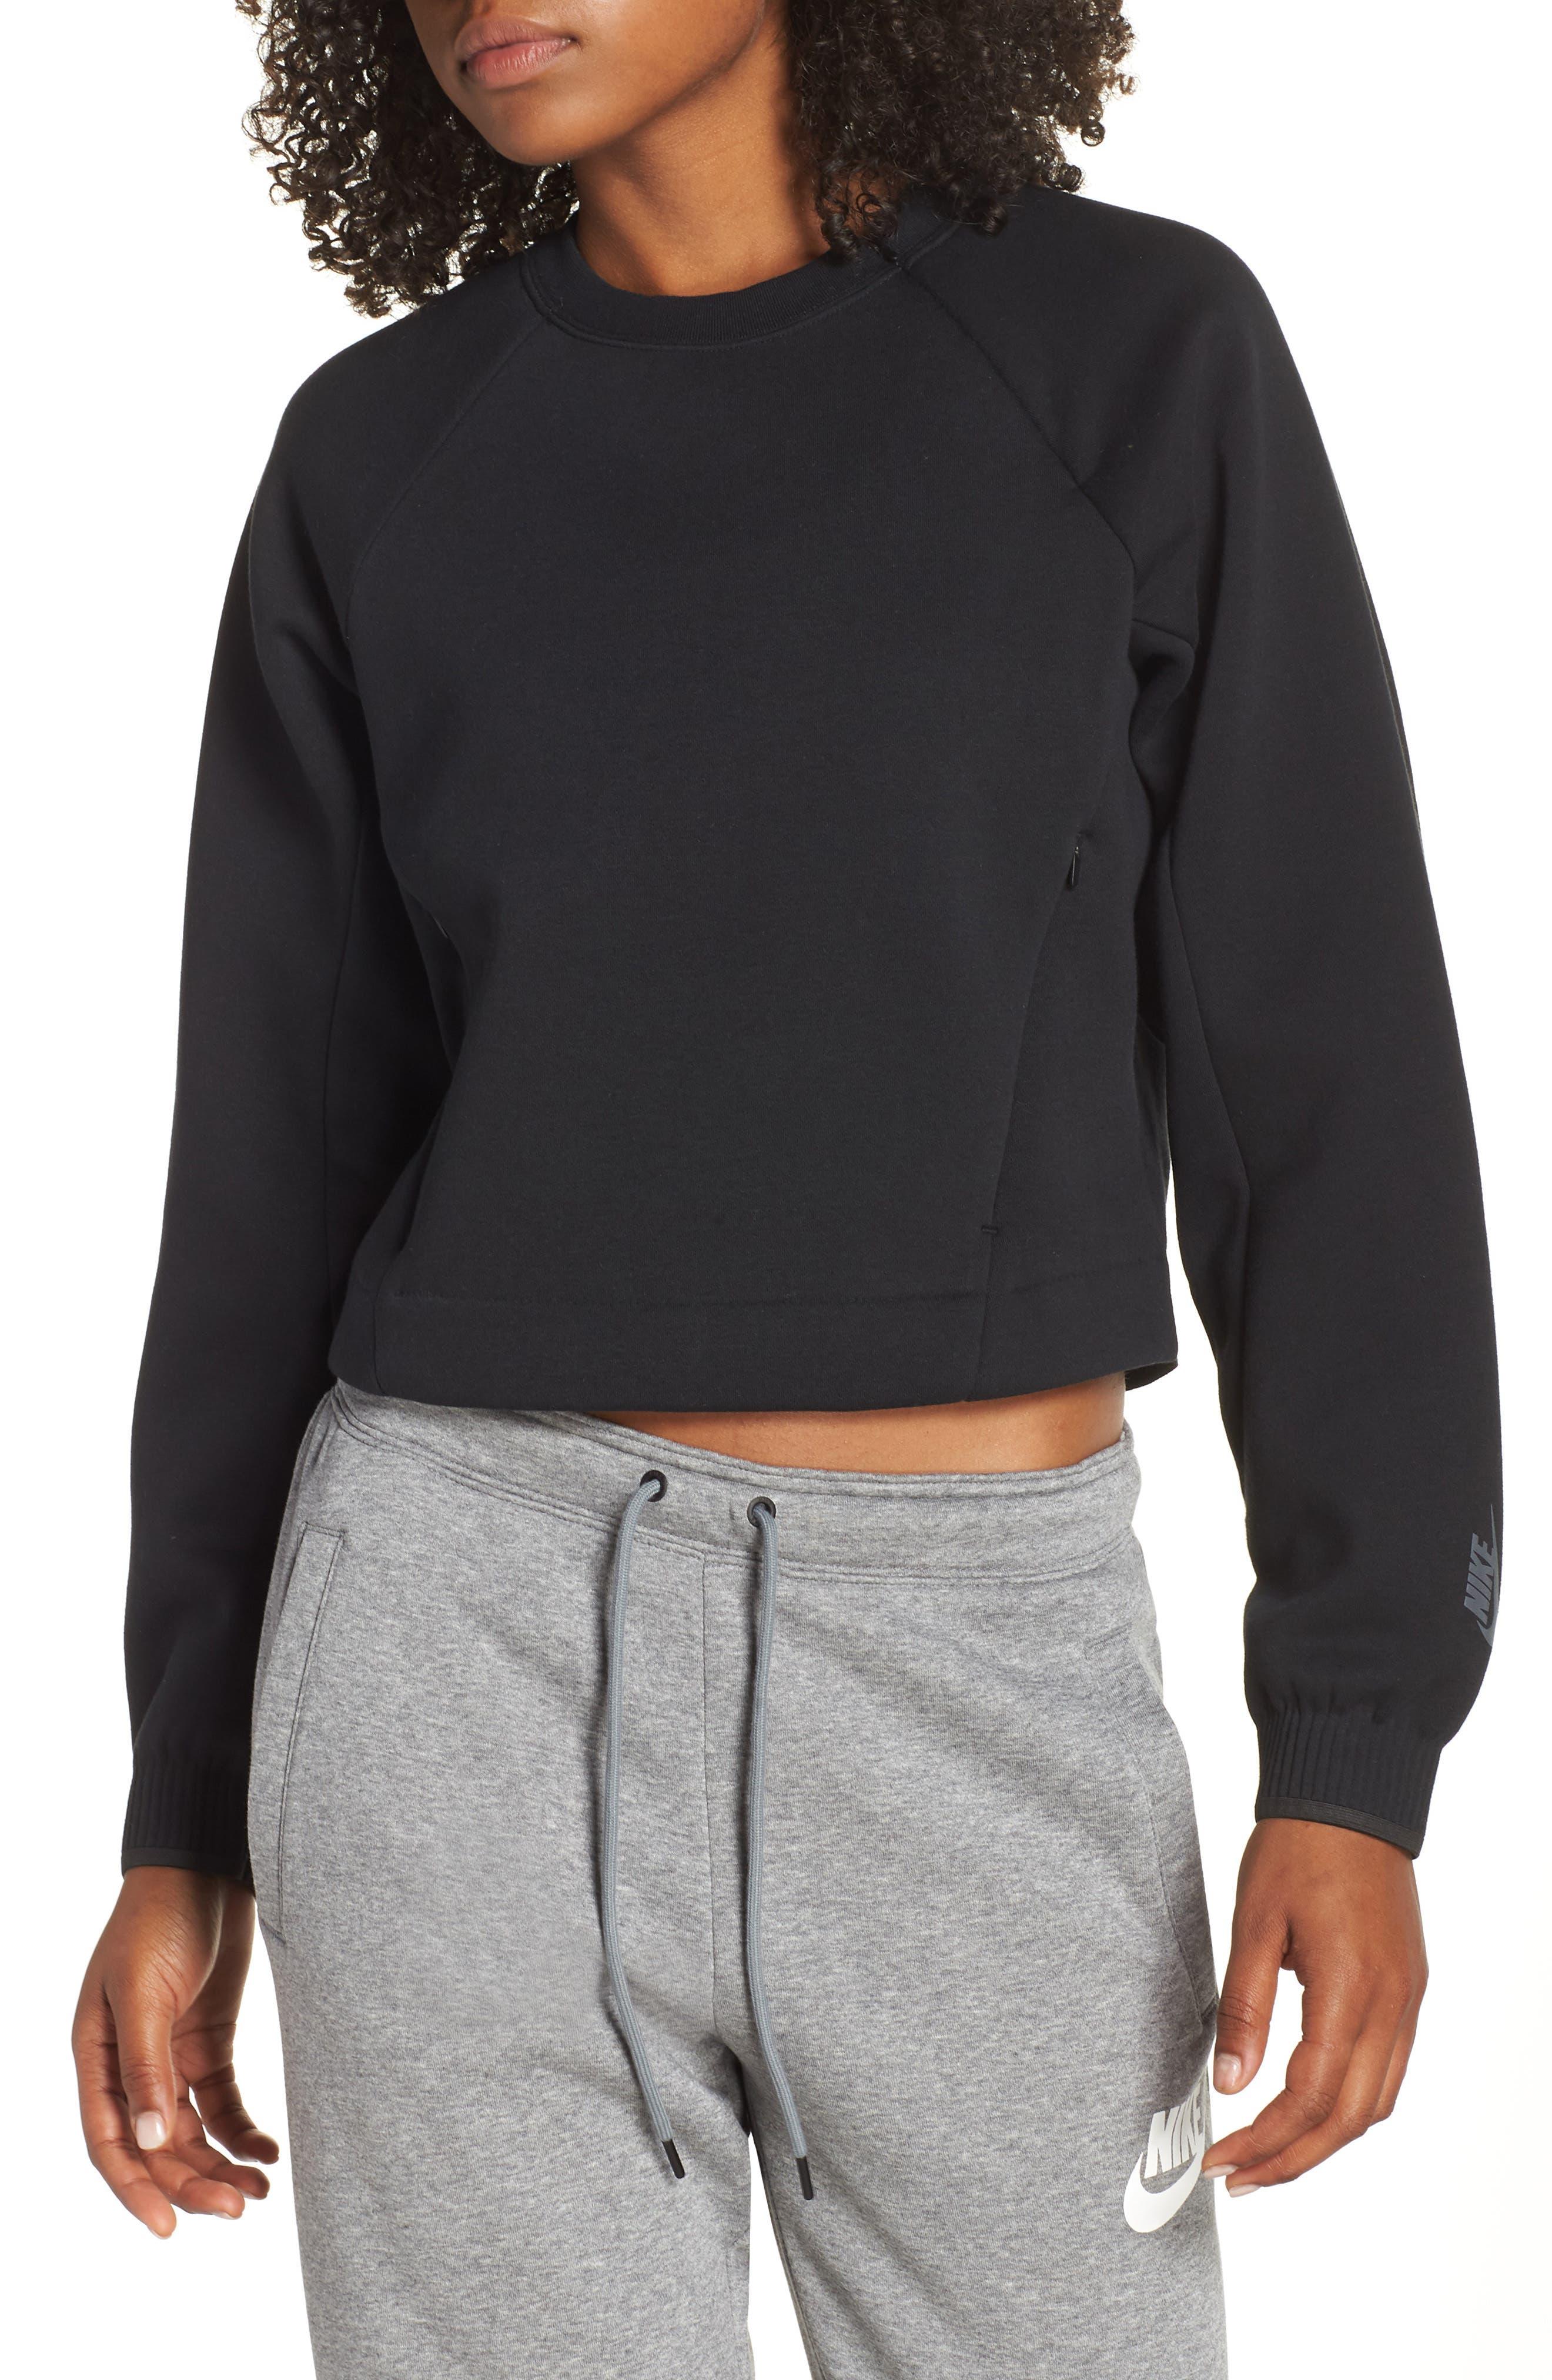 Nike Nikelab Collection Fleece Crew